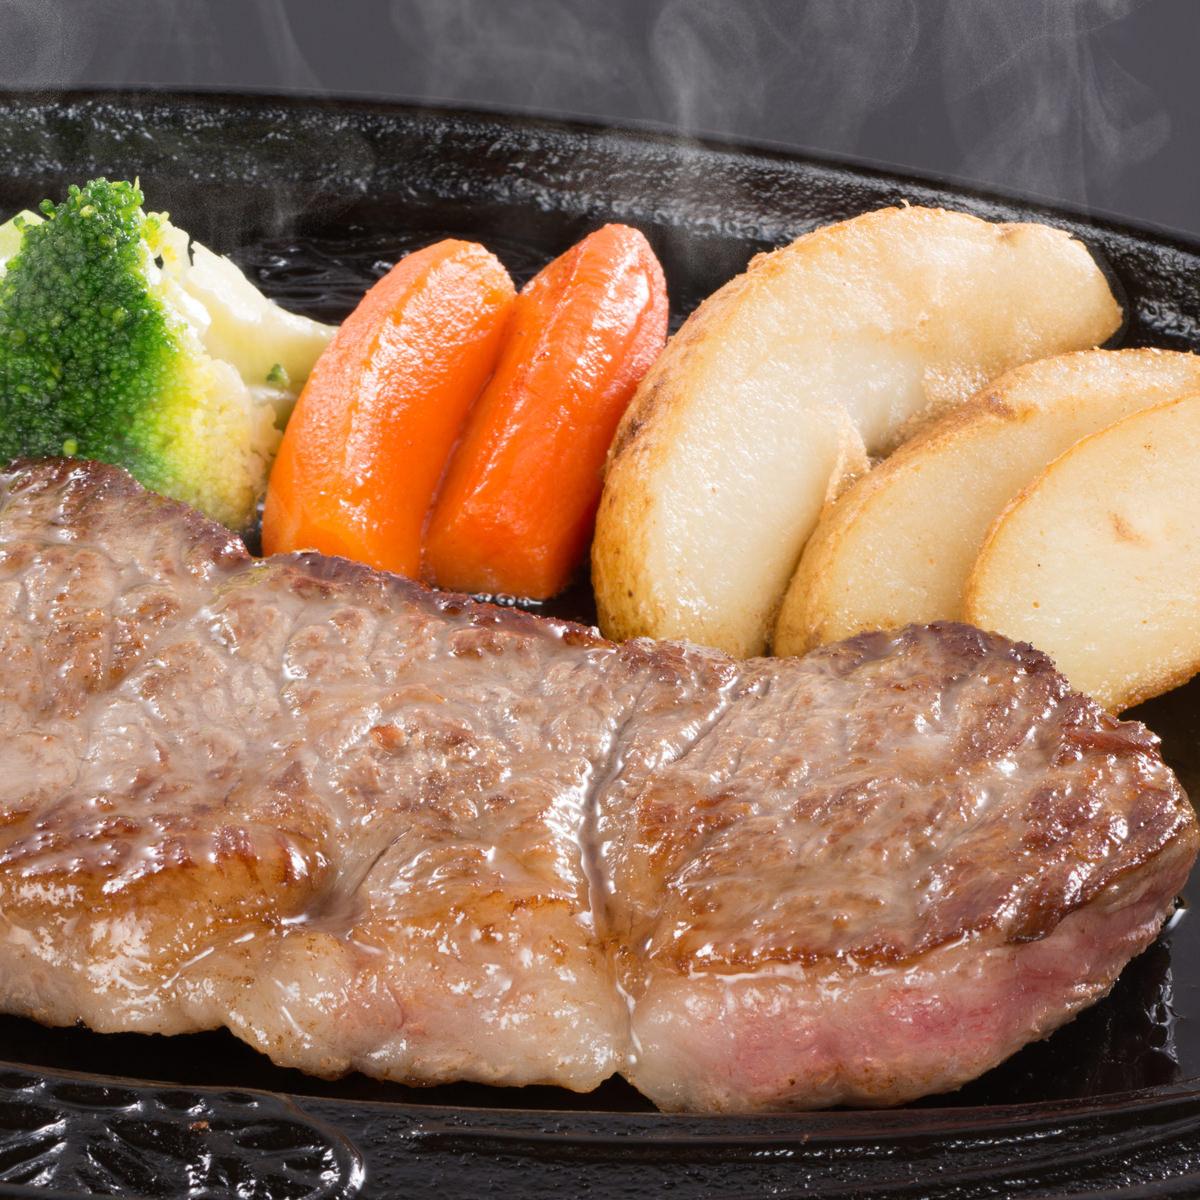 松阪まるよし 松阪牛サーロインステーキ〔200g×2枚、牛脂、ステーキ用調味料20g〕三重県